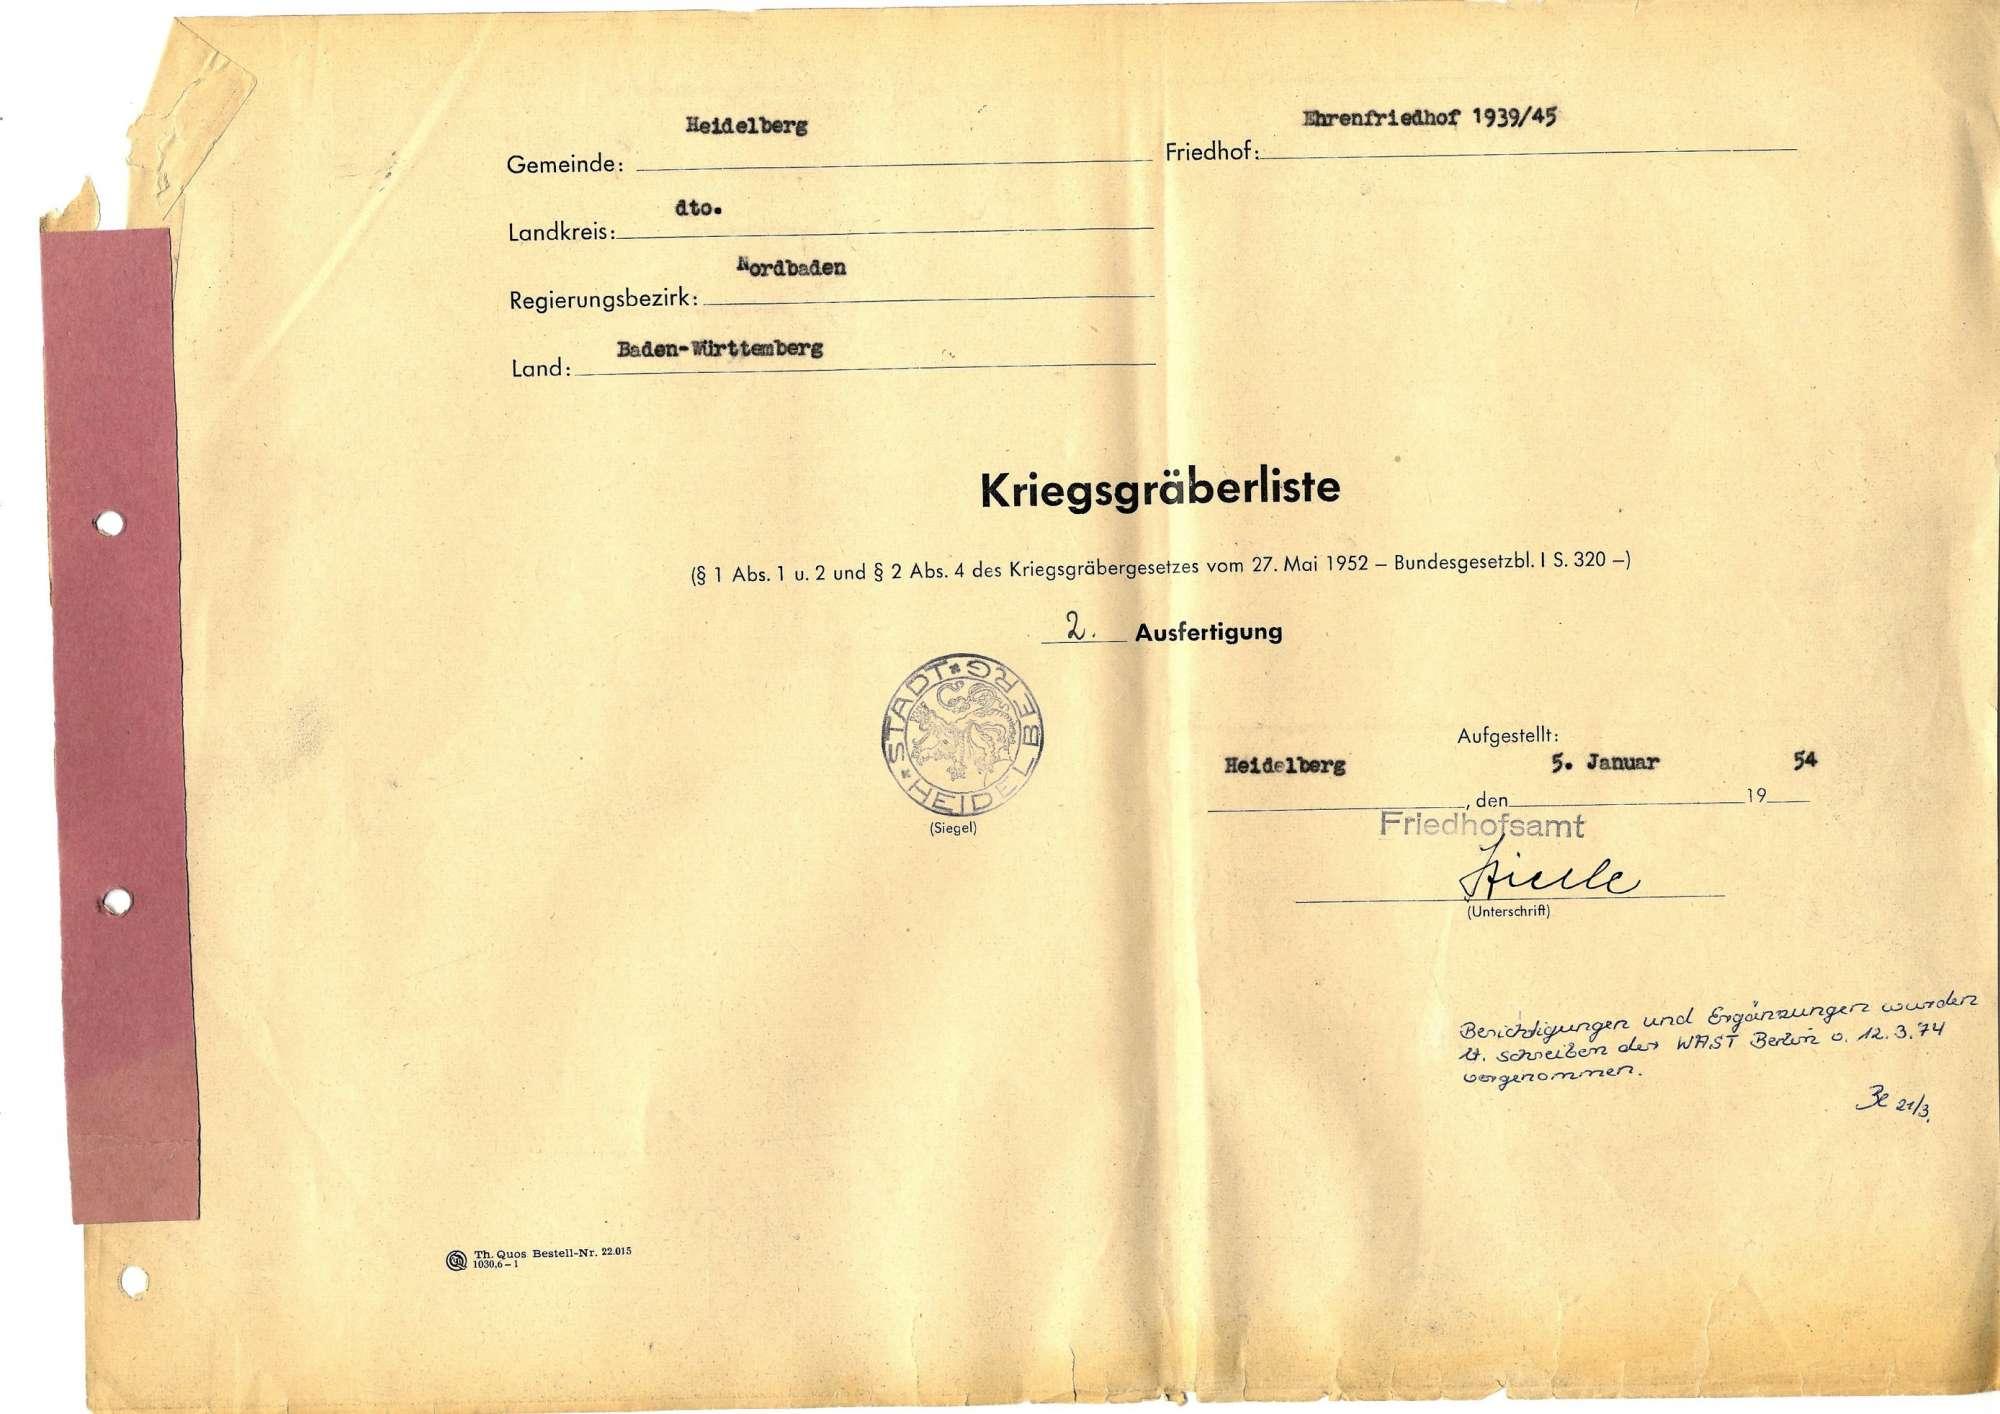 Ehrenfriedhof 1939-45 Heidelberg, Bild 1